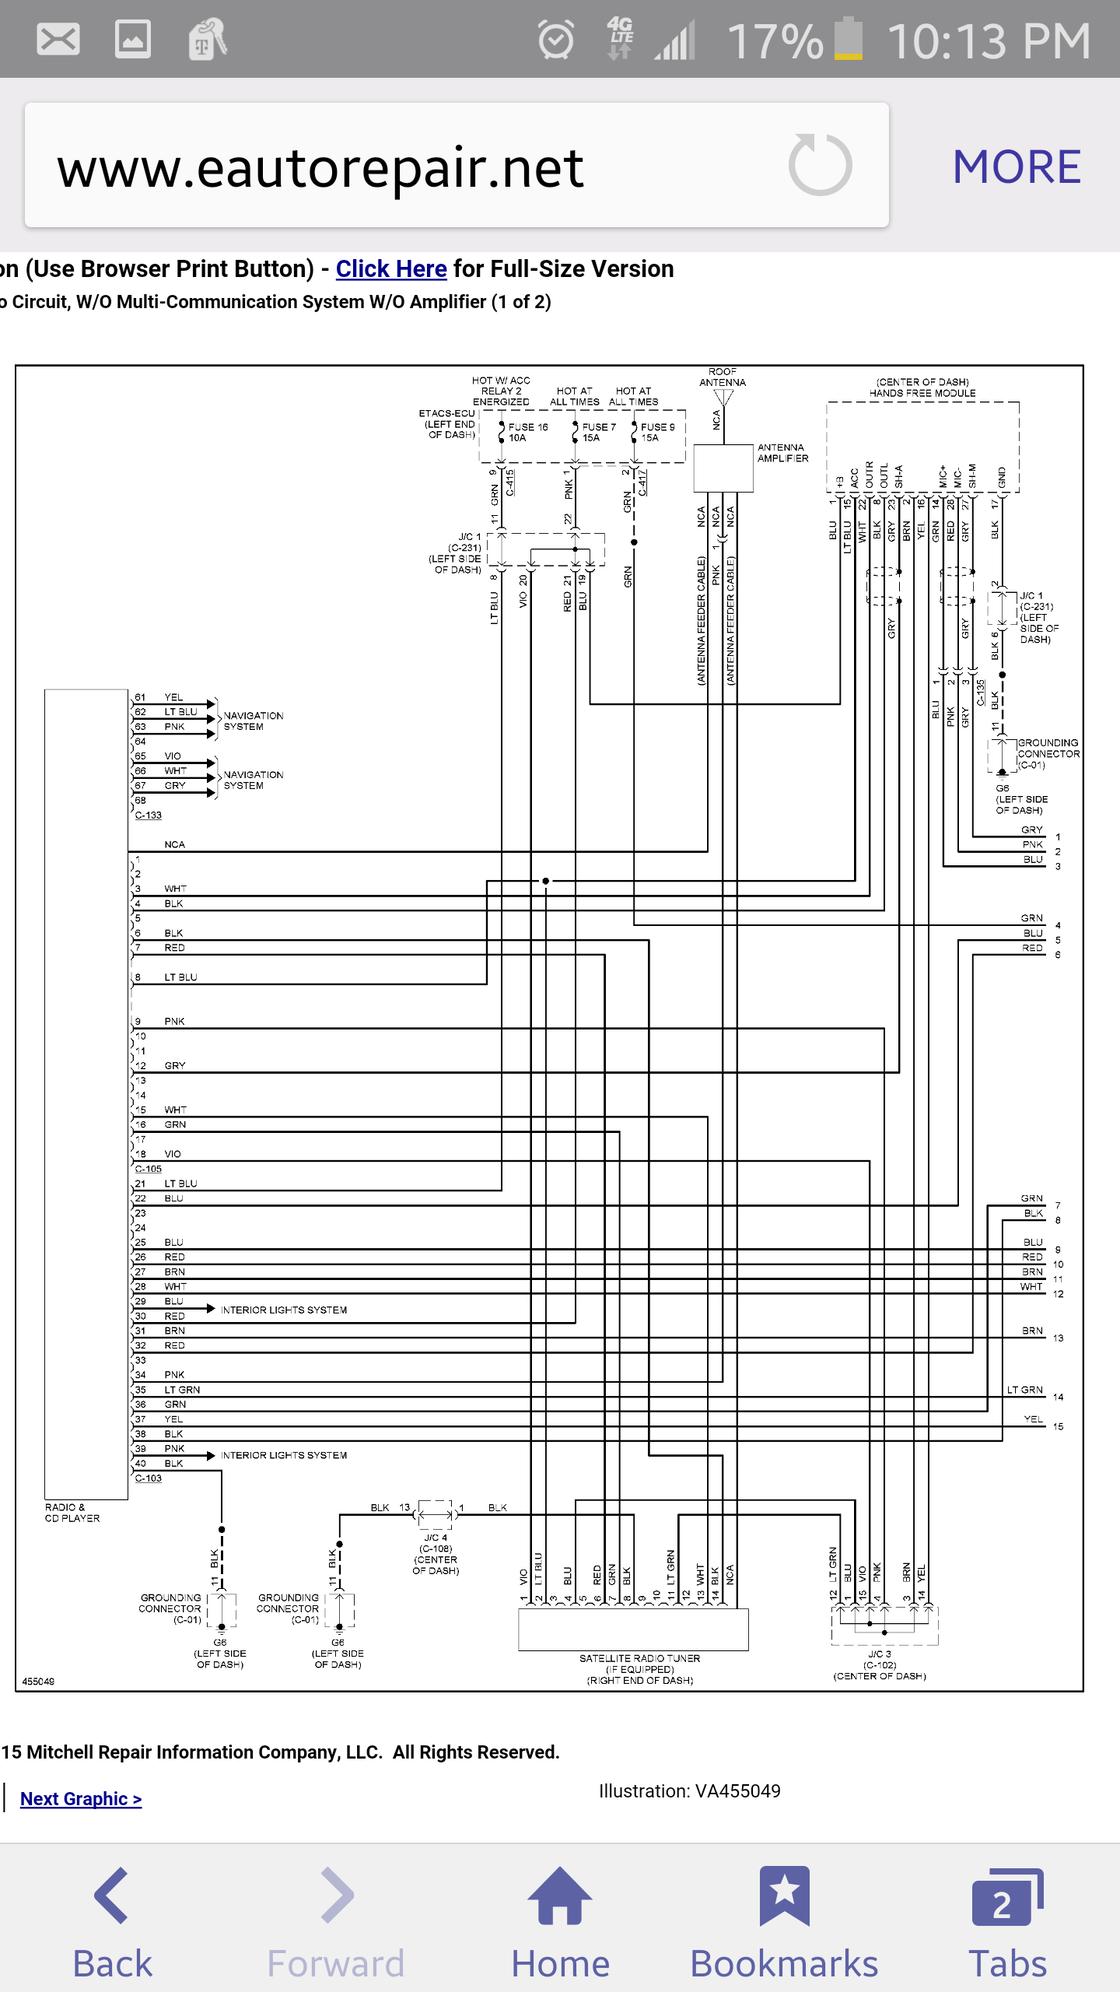 speaker wires color code evolutionm mitsubishi lancer. Black Bedroom Furniture Sets. Home Design Ideas